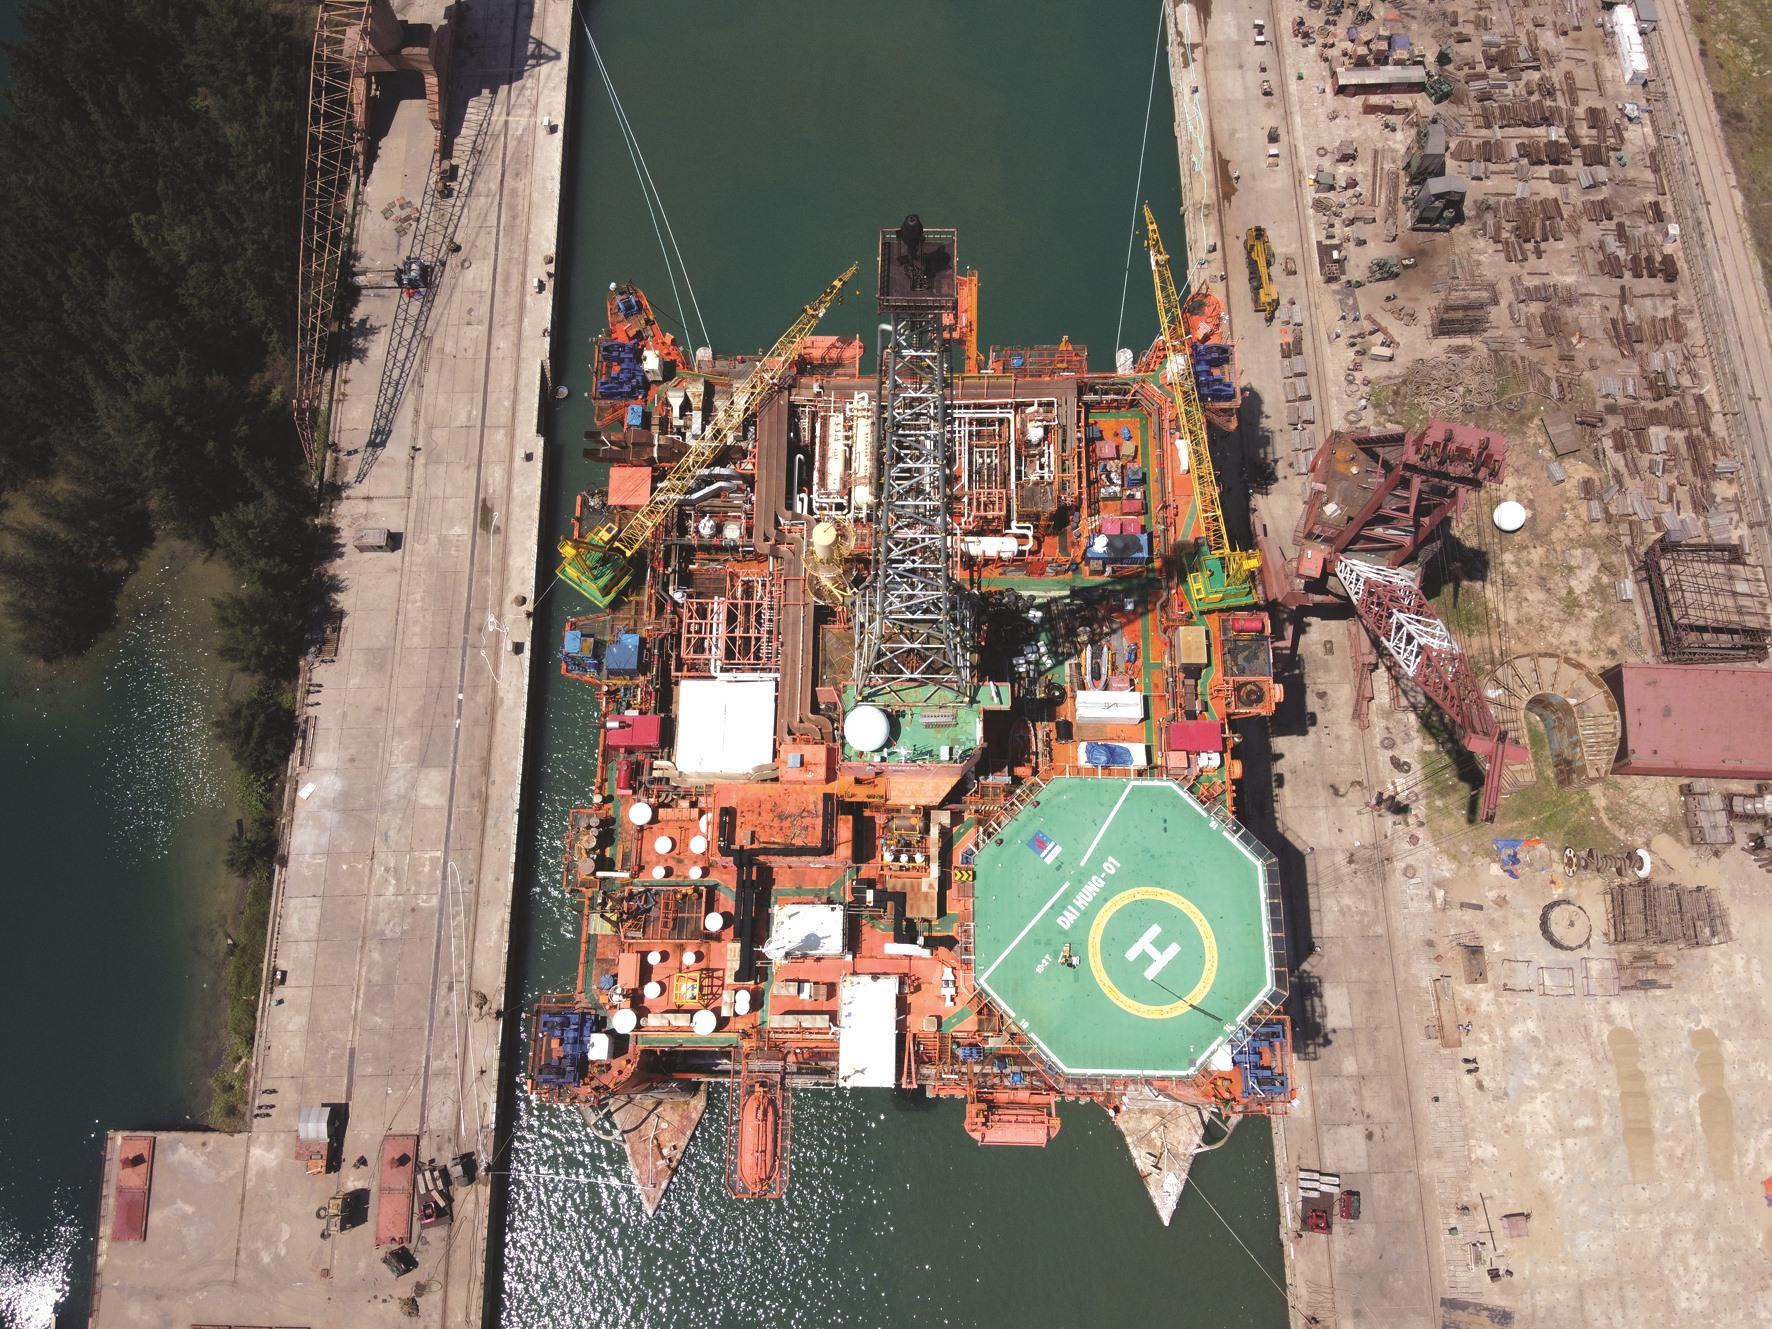 Quá trình sửa chữa, bảo dưỡng hết sức phức tạp với việc làm sạch toàn bộ phần chìm của giàn khoan Đại Hùng, hàn gần 5.000m ống các loại, bảo dưỡng, sửa chữa toàn bộ thiết bị, máy móc, điện.